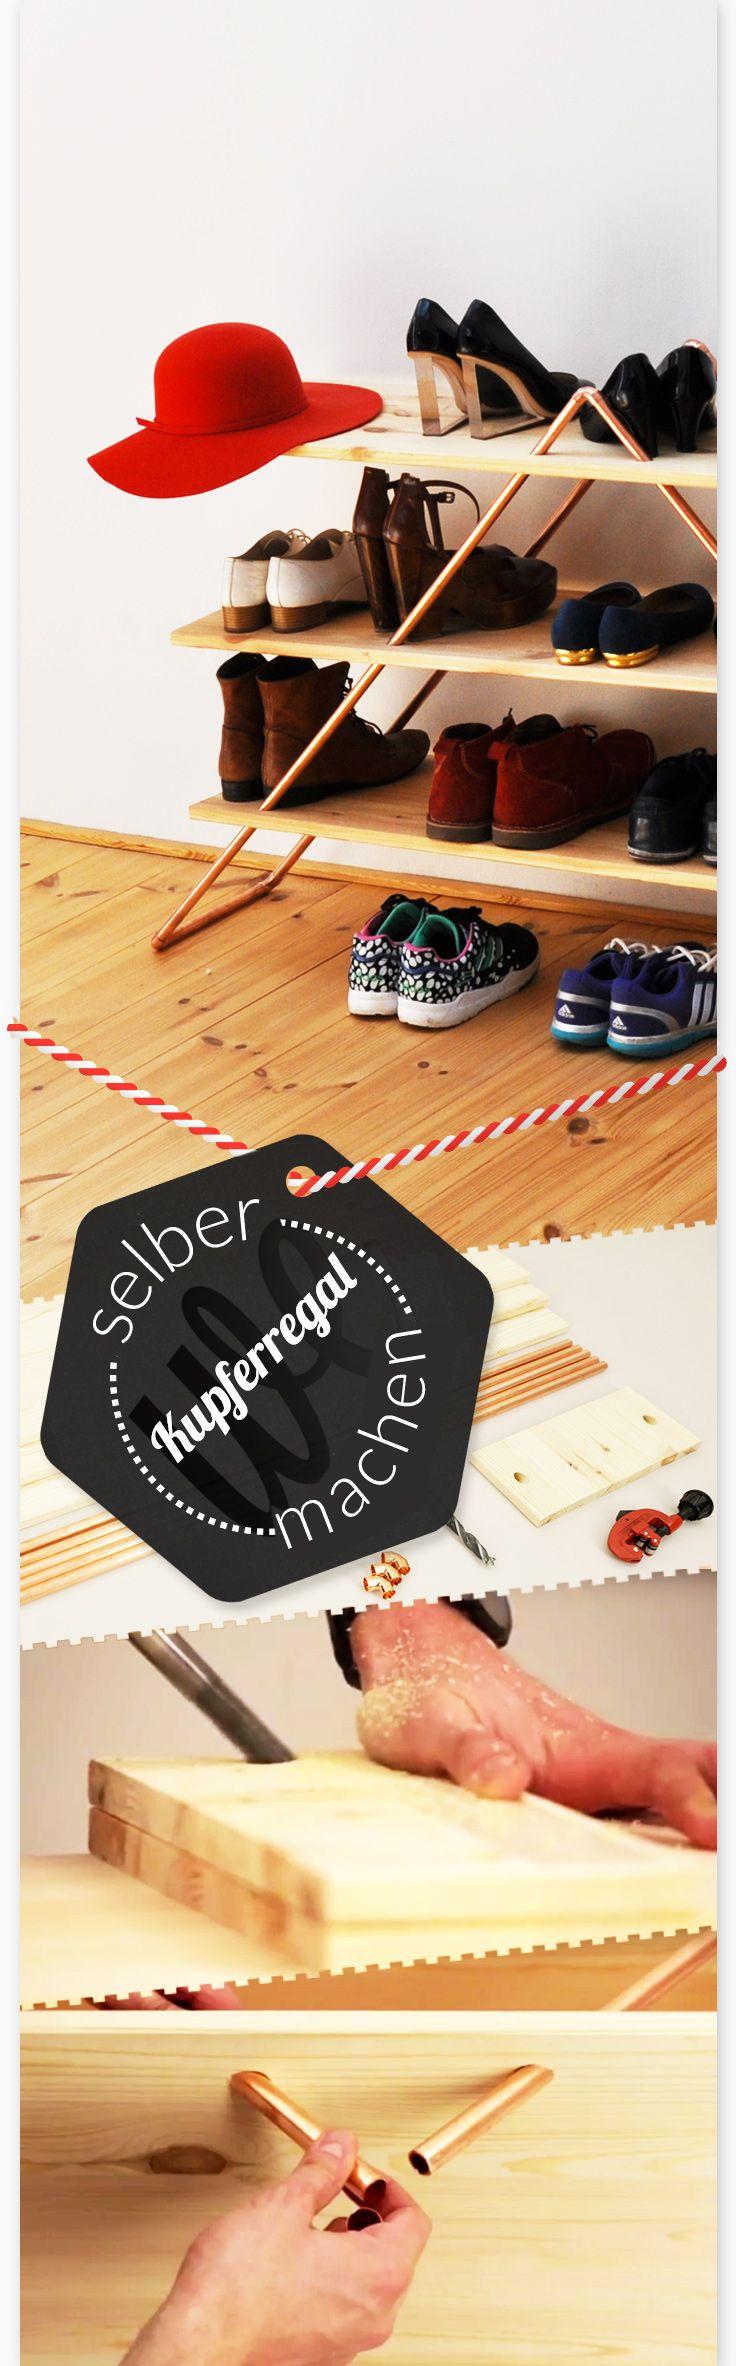 Küchenschränke-kits fabi fabian on pinterest